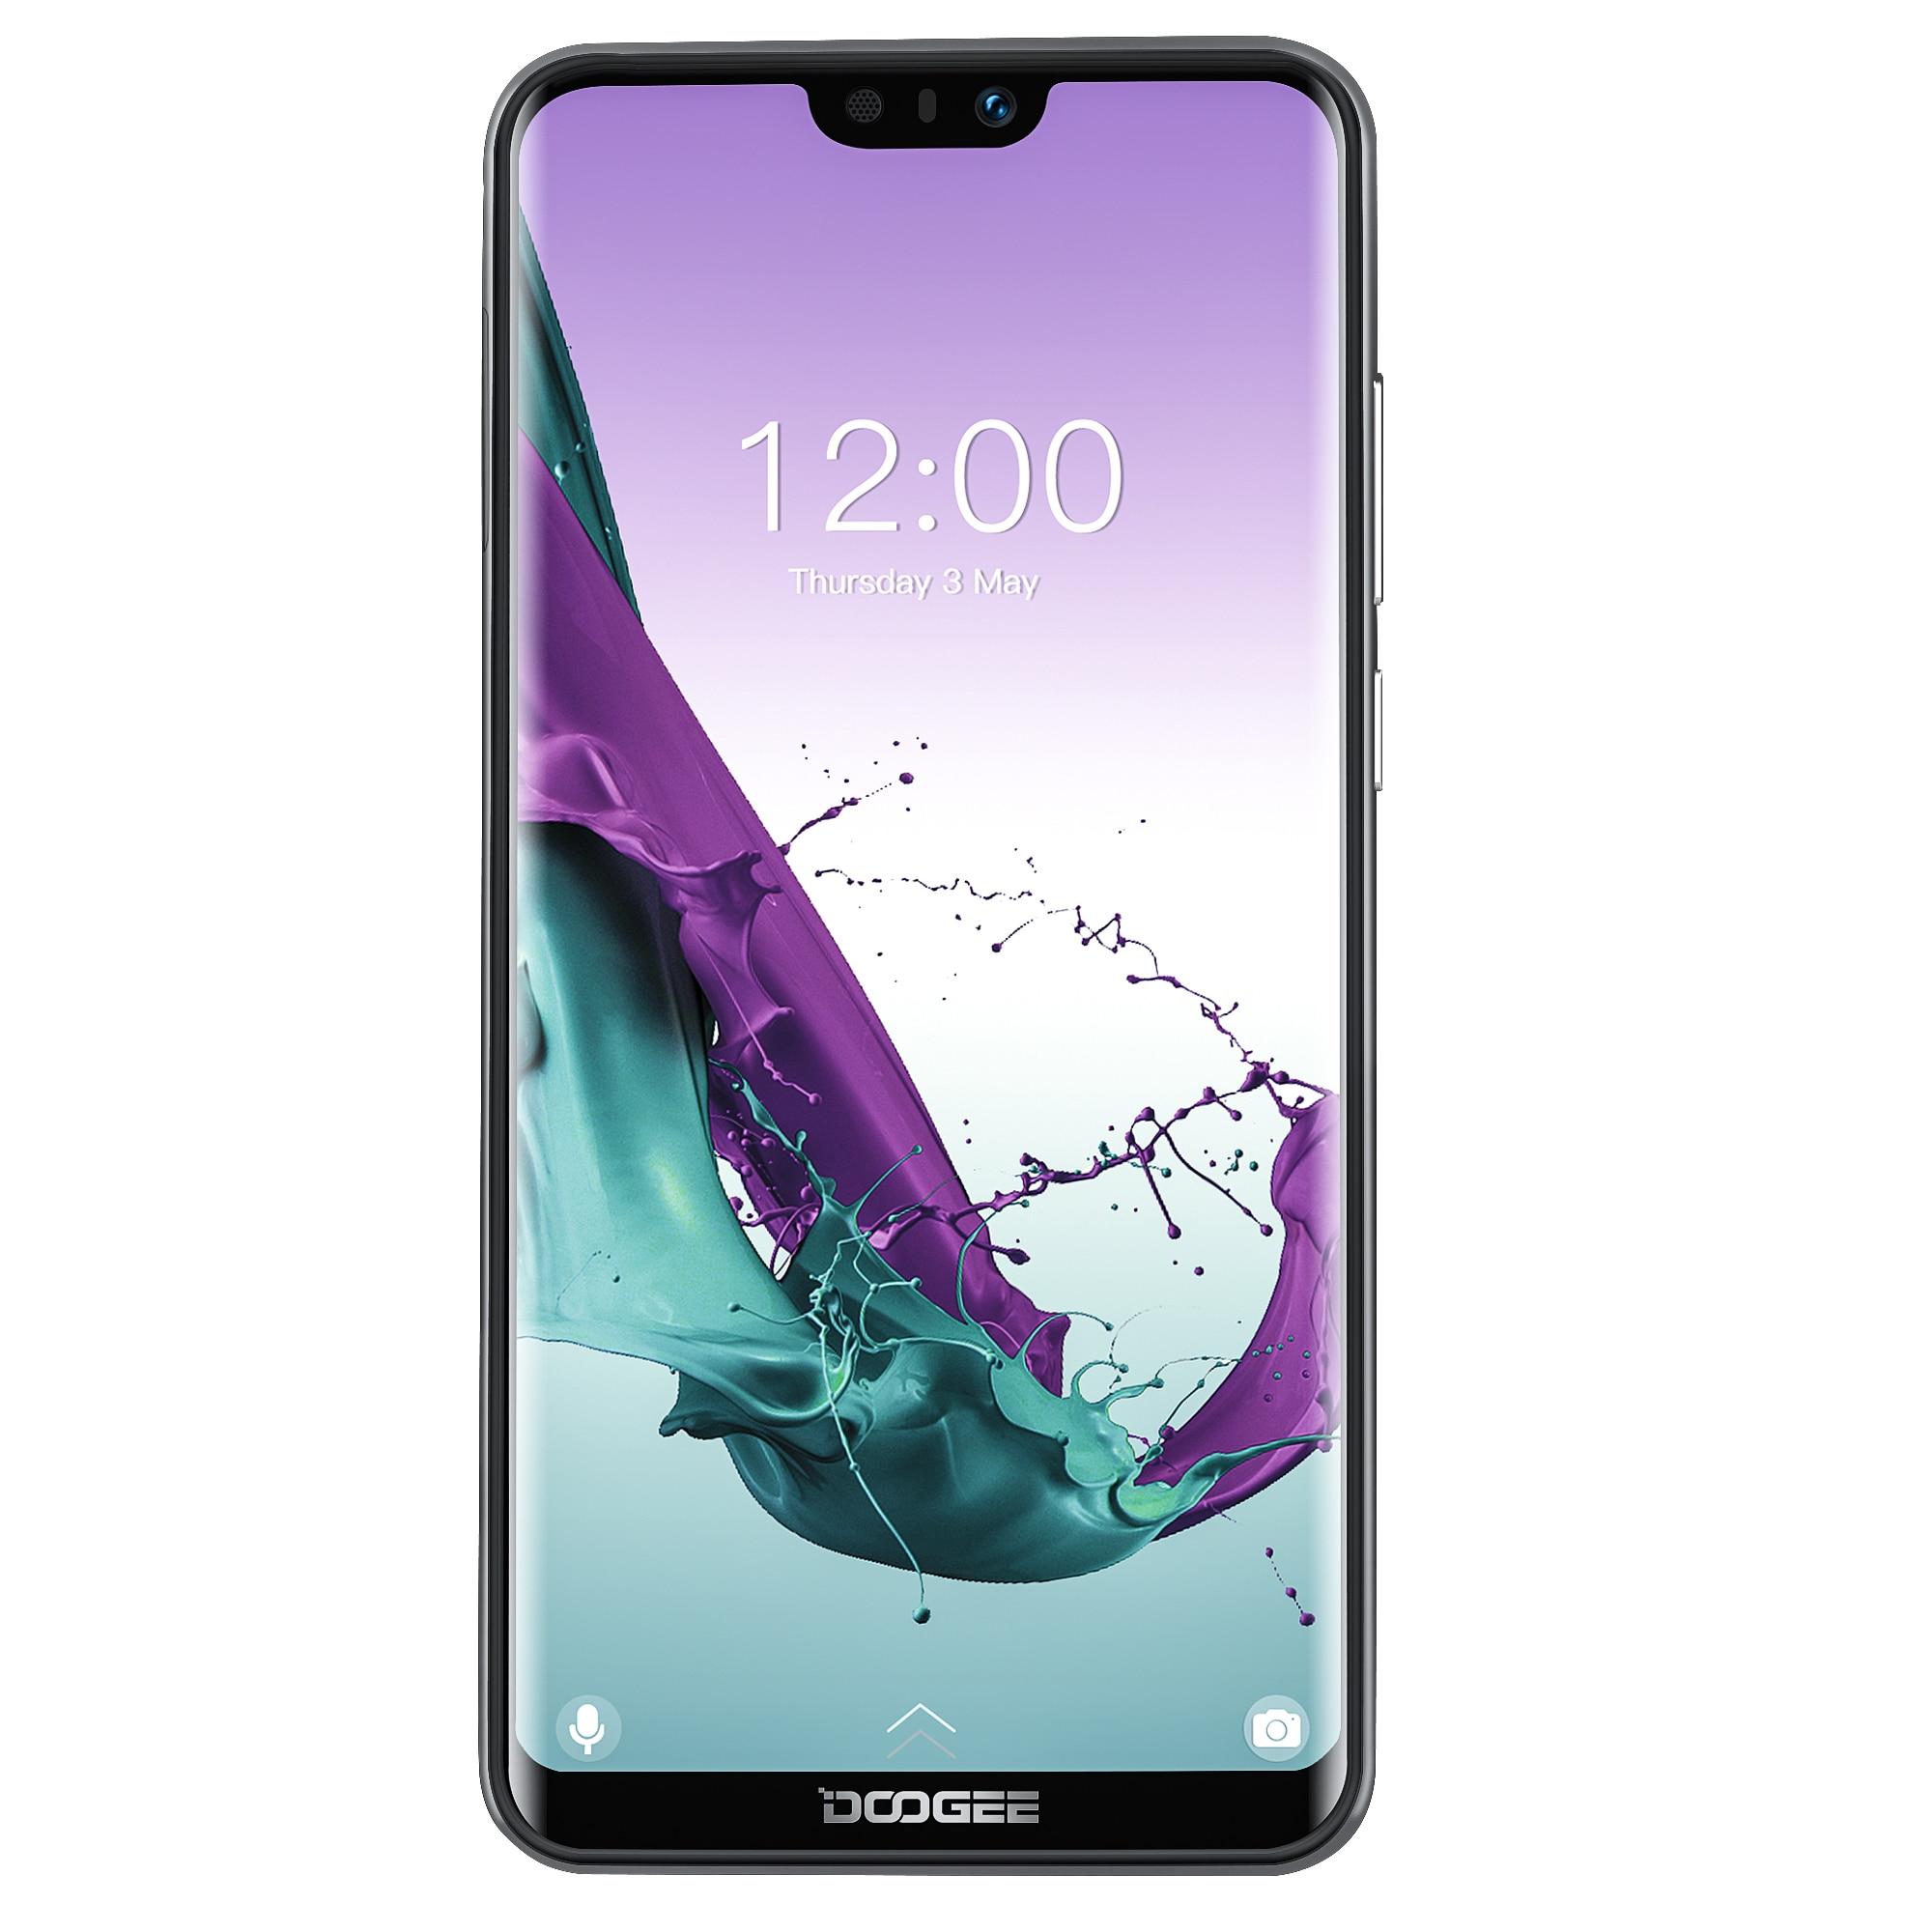 DOOGEE N10 2019 Android 8.14G LTE Mobile Phone 5.84 polegada 32 3GB de RAM GB ROM FHD Núcleo octa 19:9 Exibição 16.0MP Frente Câmera 3360mAh